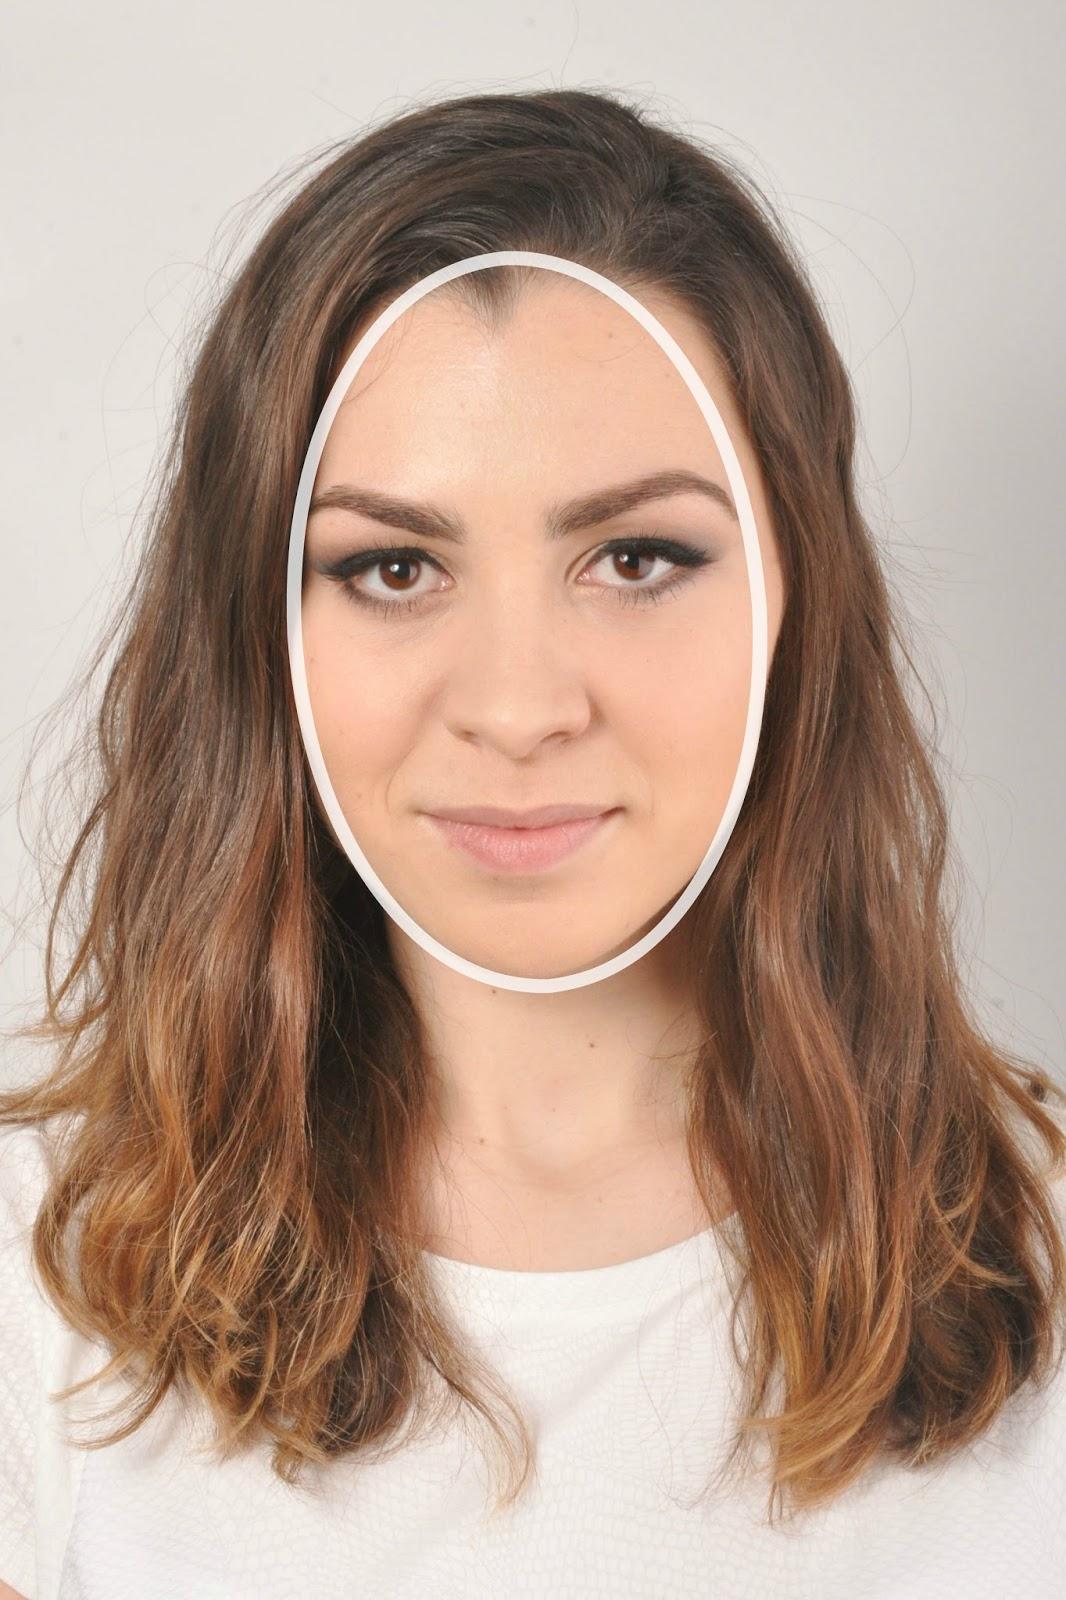 Make Up Charm Lekcja Konturowania Twarz Owalna Kosmetyki Hean